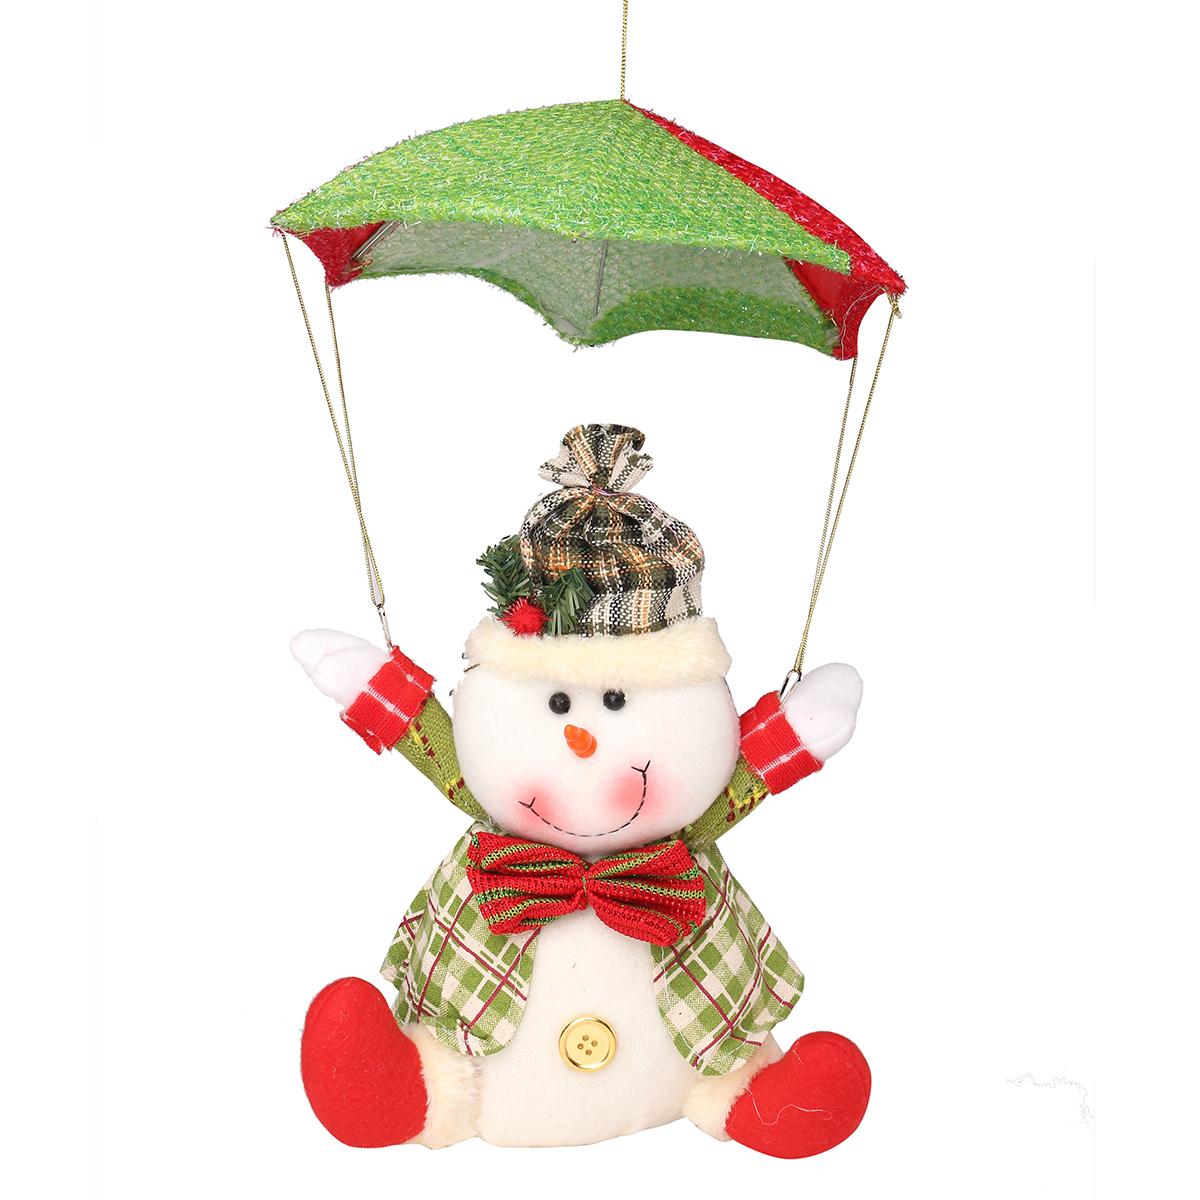 dress ups santa claus snowman in parachute christmas